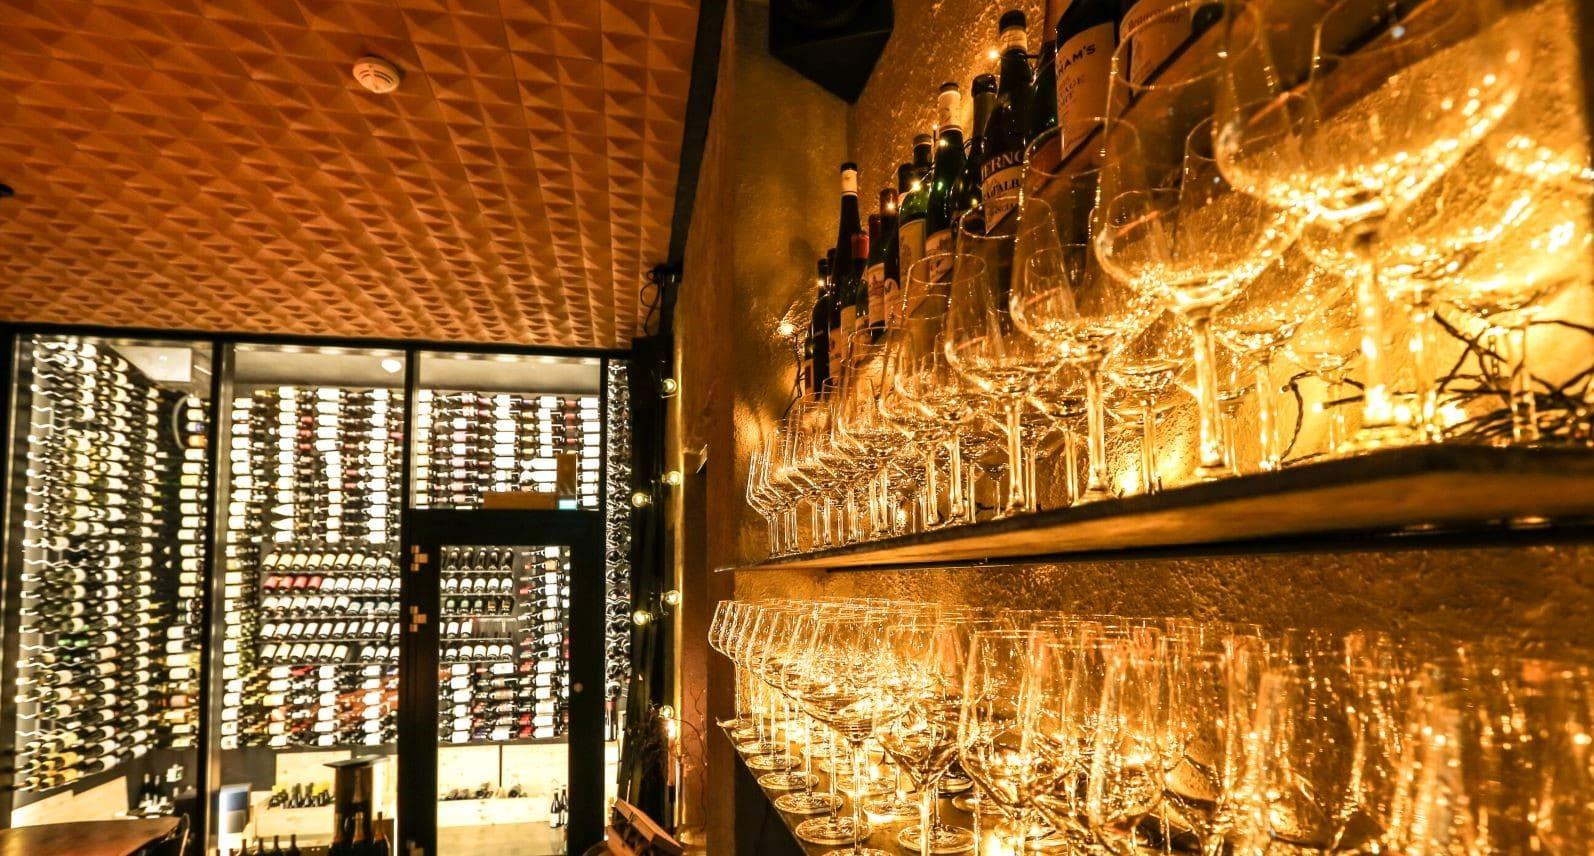 Lekre kork fliser i himling hos Vino bar